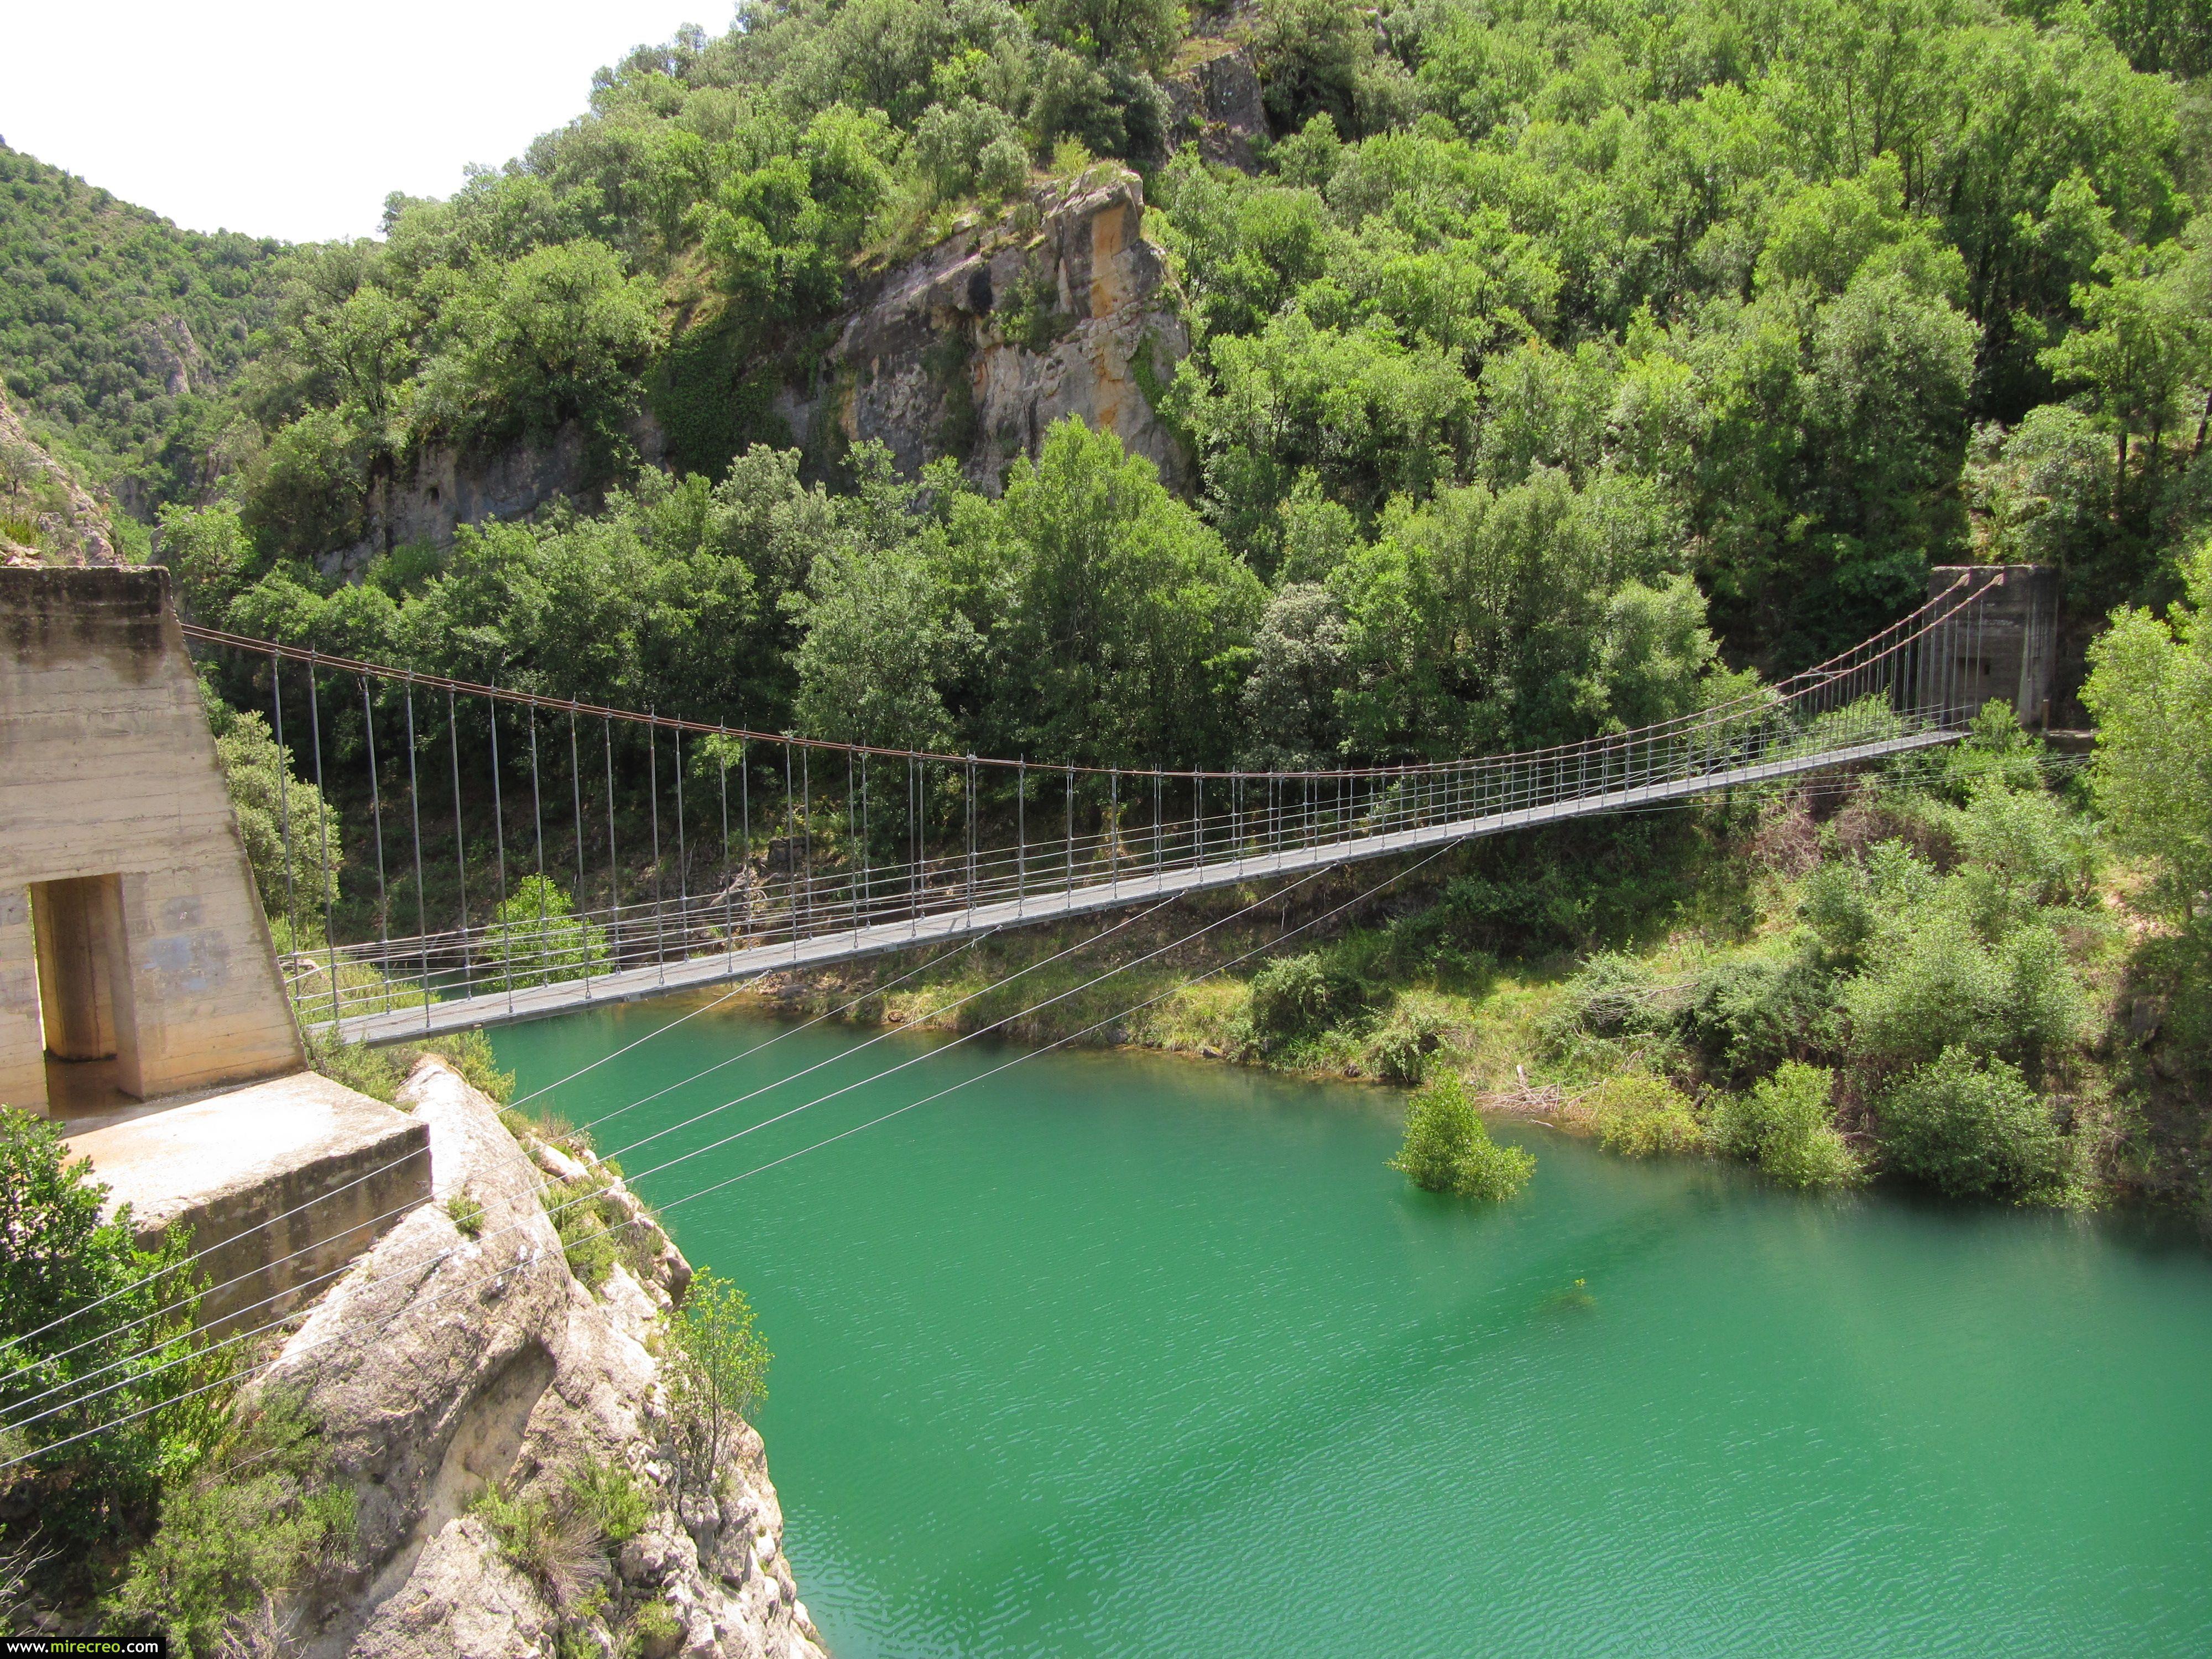 Una De Las Rutas Más Espectaculares Que Puedes Hacer En Catalunya El Congost De Mont Rebei Lleida Senderismo Hiking Senderismo Lugares Para Visitar Turismo